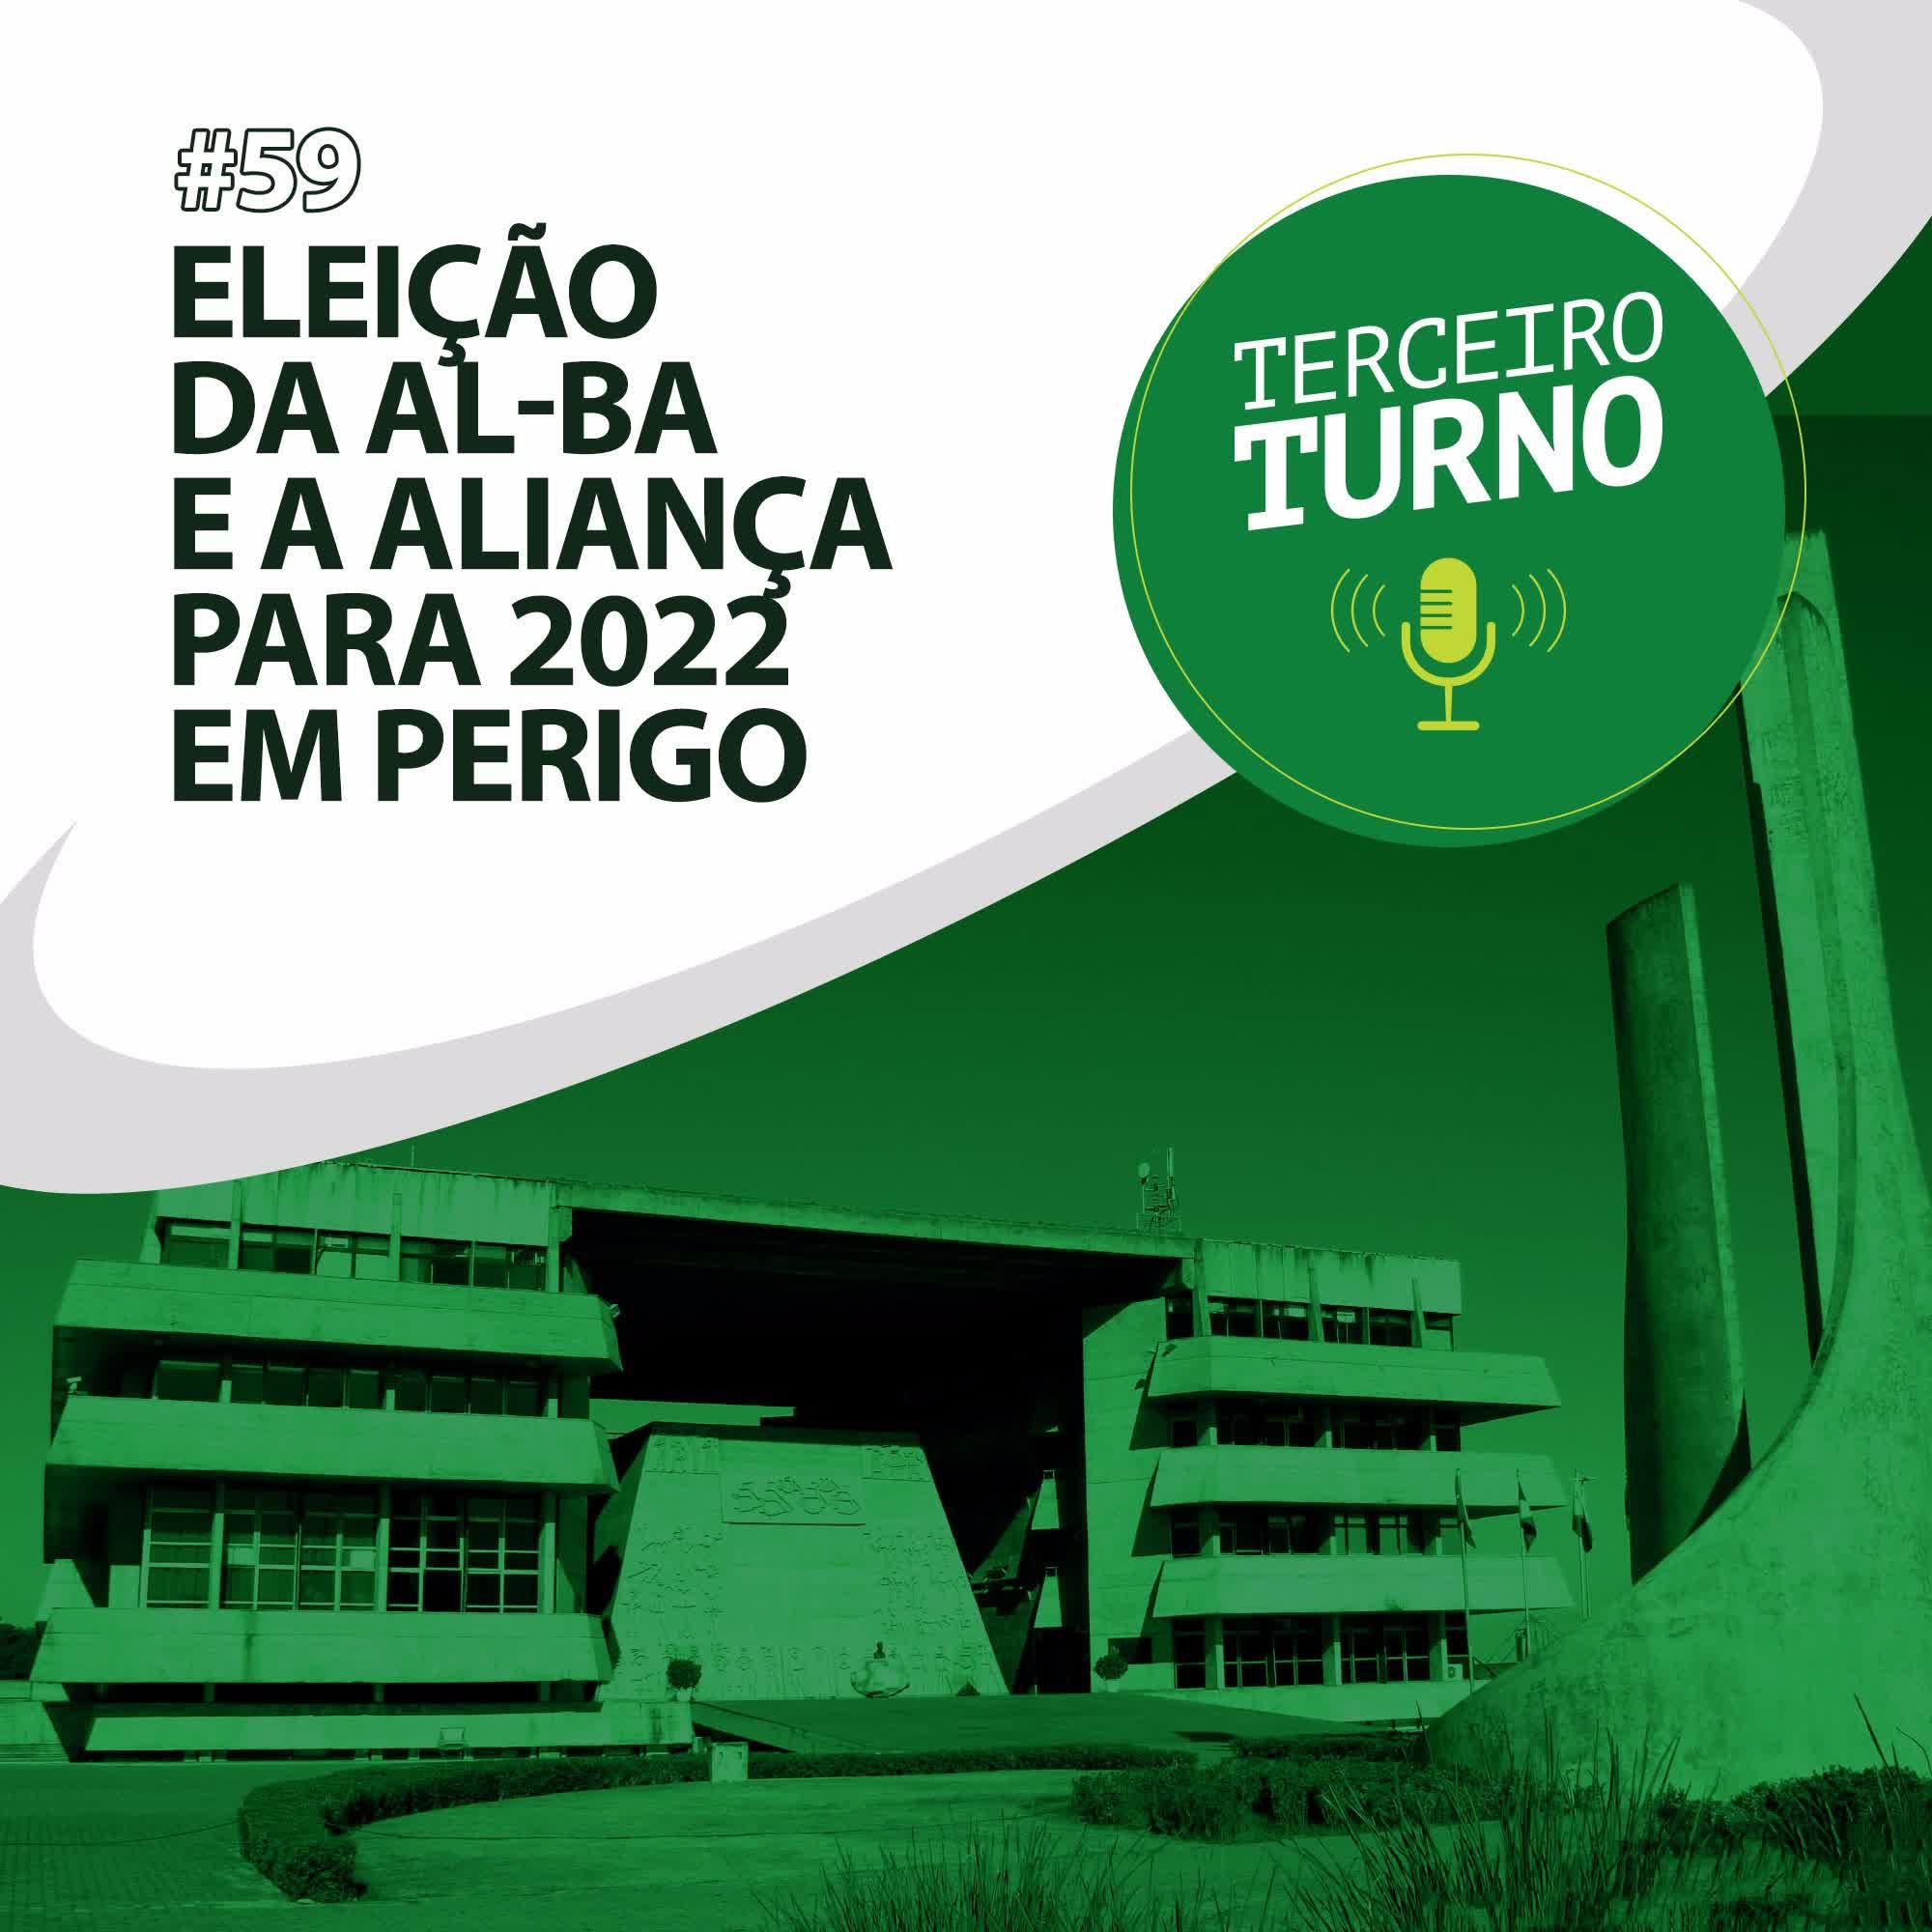 Terceiro Turno #59: Eleição da AL-BA e a aliança para 2022 em perigo